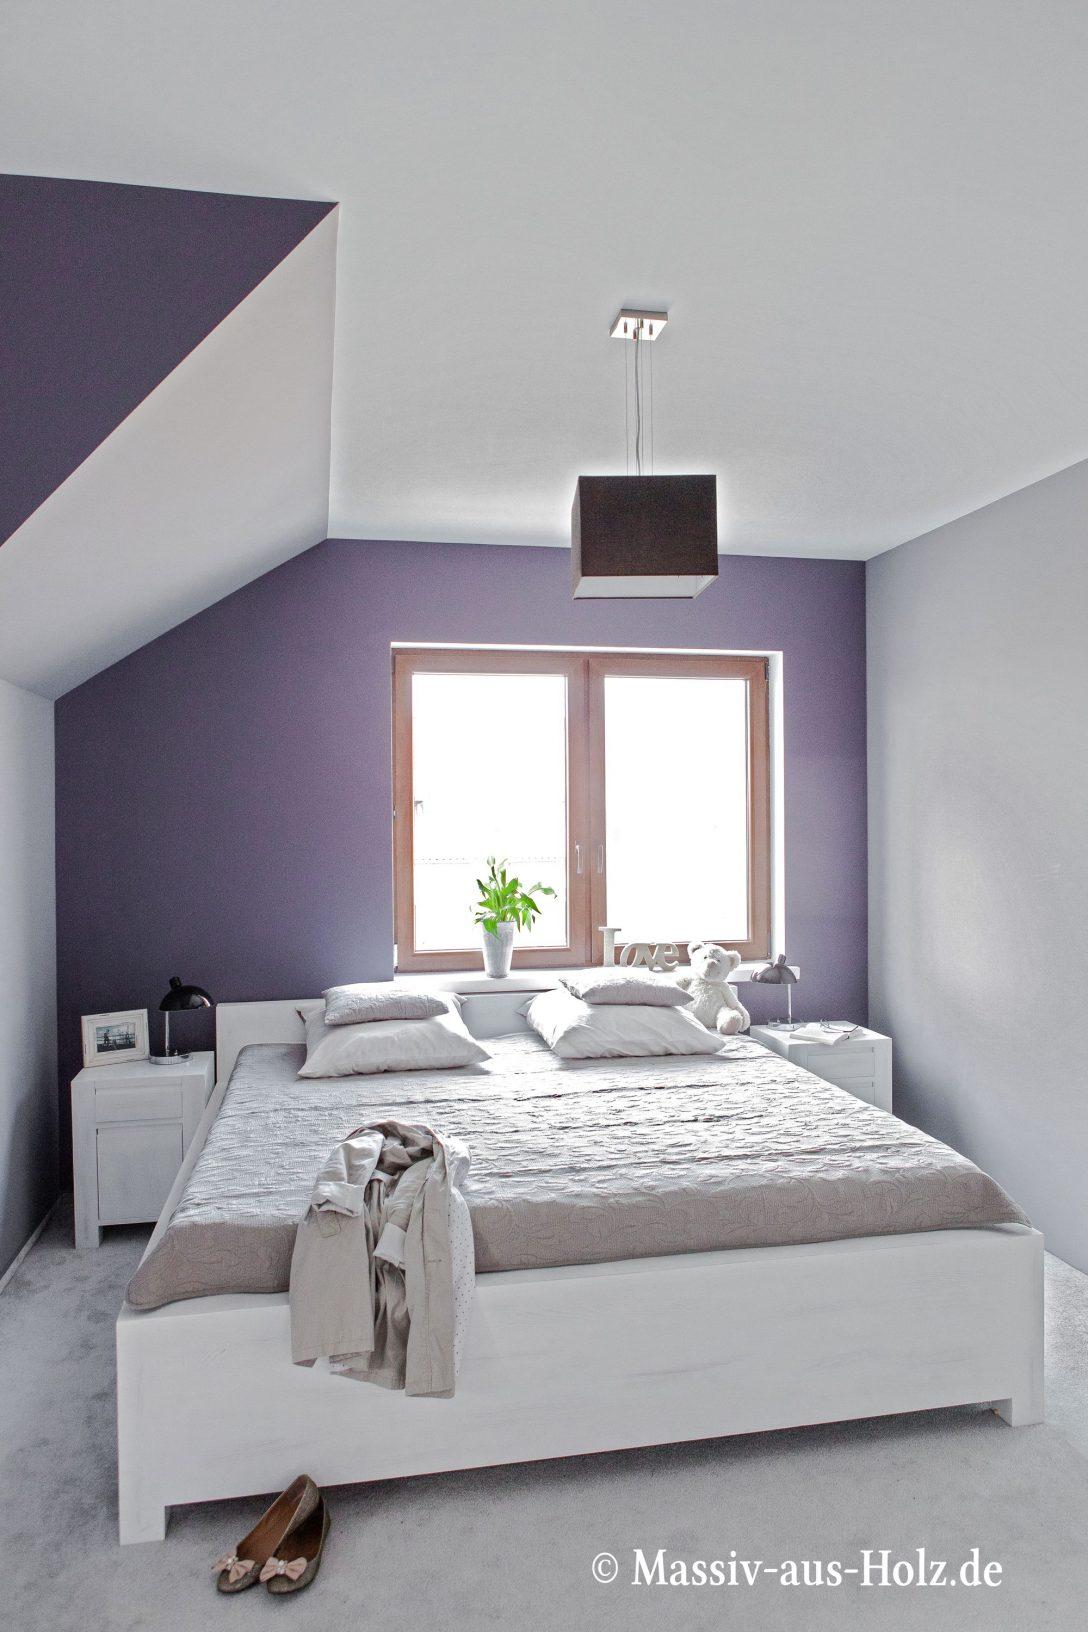 Large Size of Bett Modern Schlafzimmer Kommode Weiß Eckschrank Günstige Vorhänge Massivholz Wandbilder Landhausstil Teppich Kronleuchter Tapeten Schranksysteme Weißes Schlafzimmer Schlafzimmer Weiss